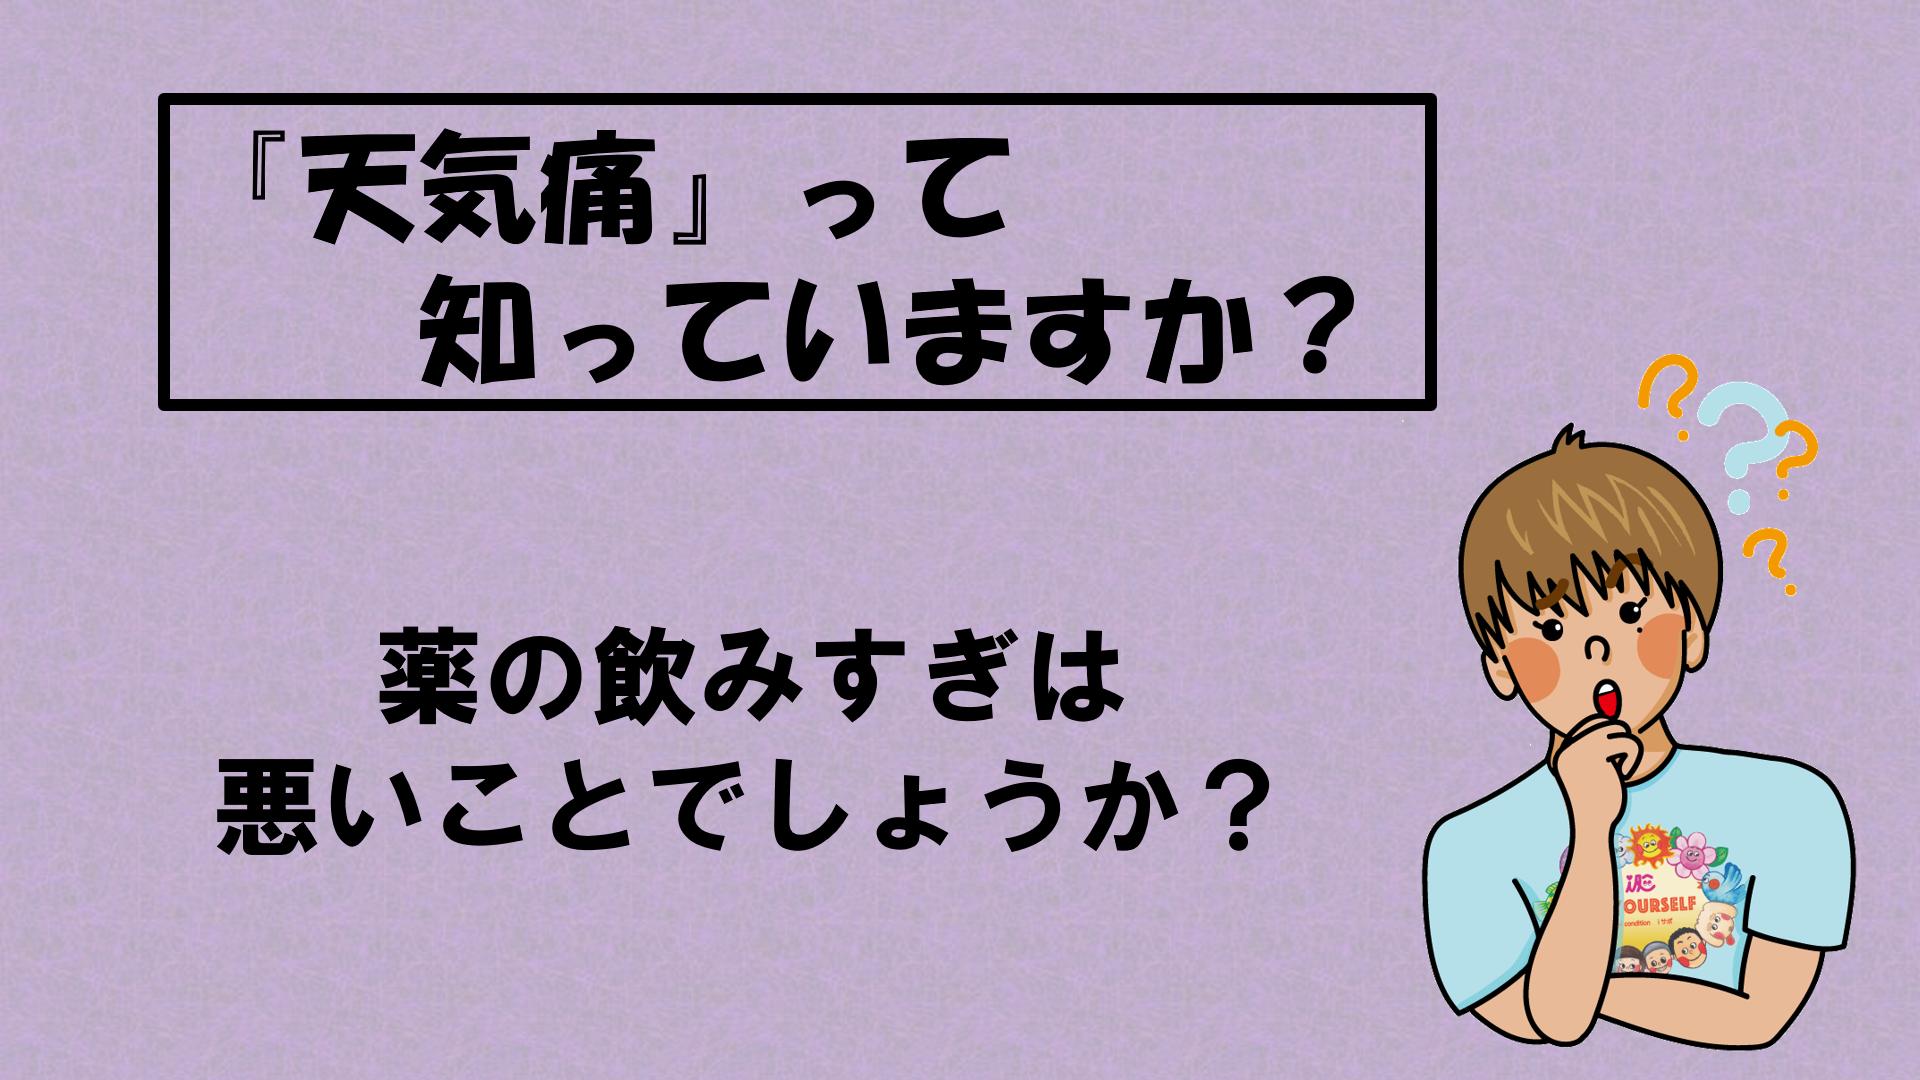 【ブログ】天気痛って知っていますか?